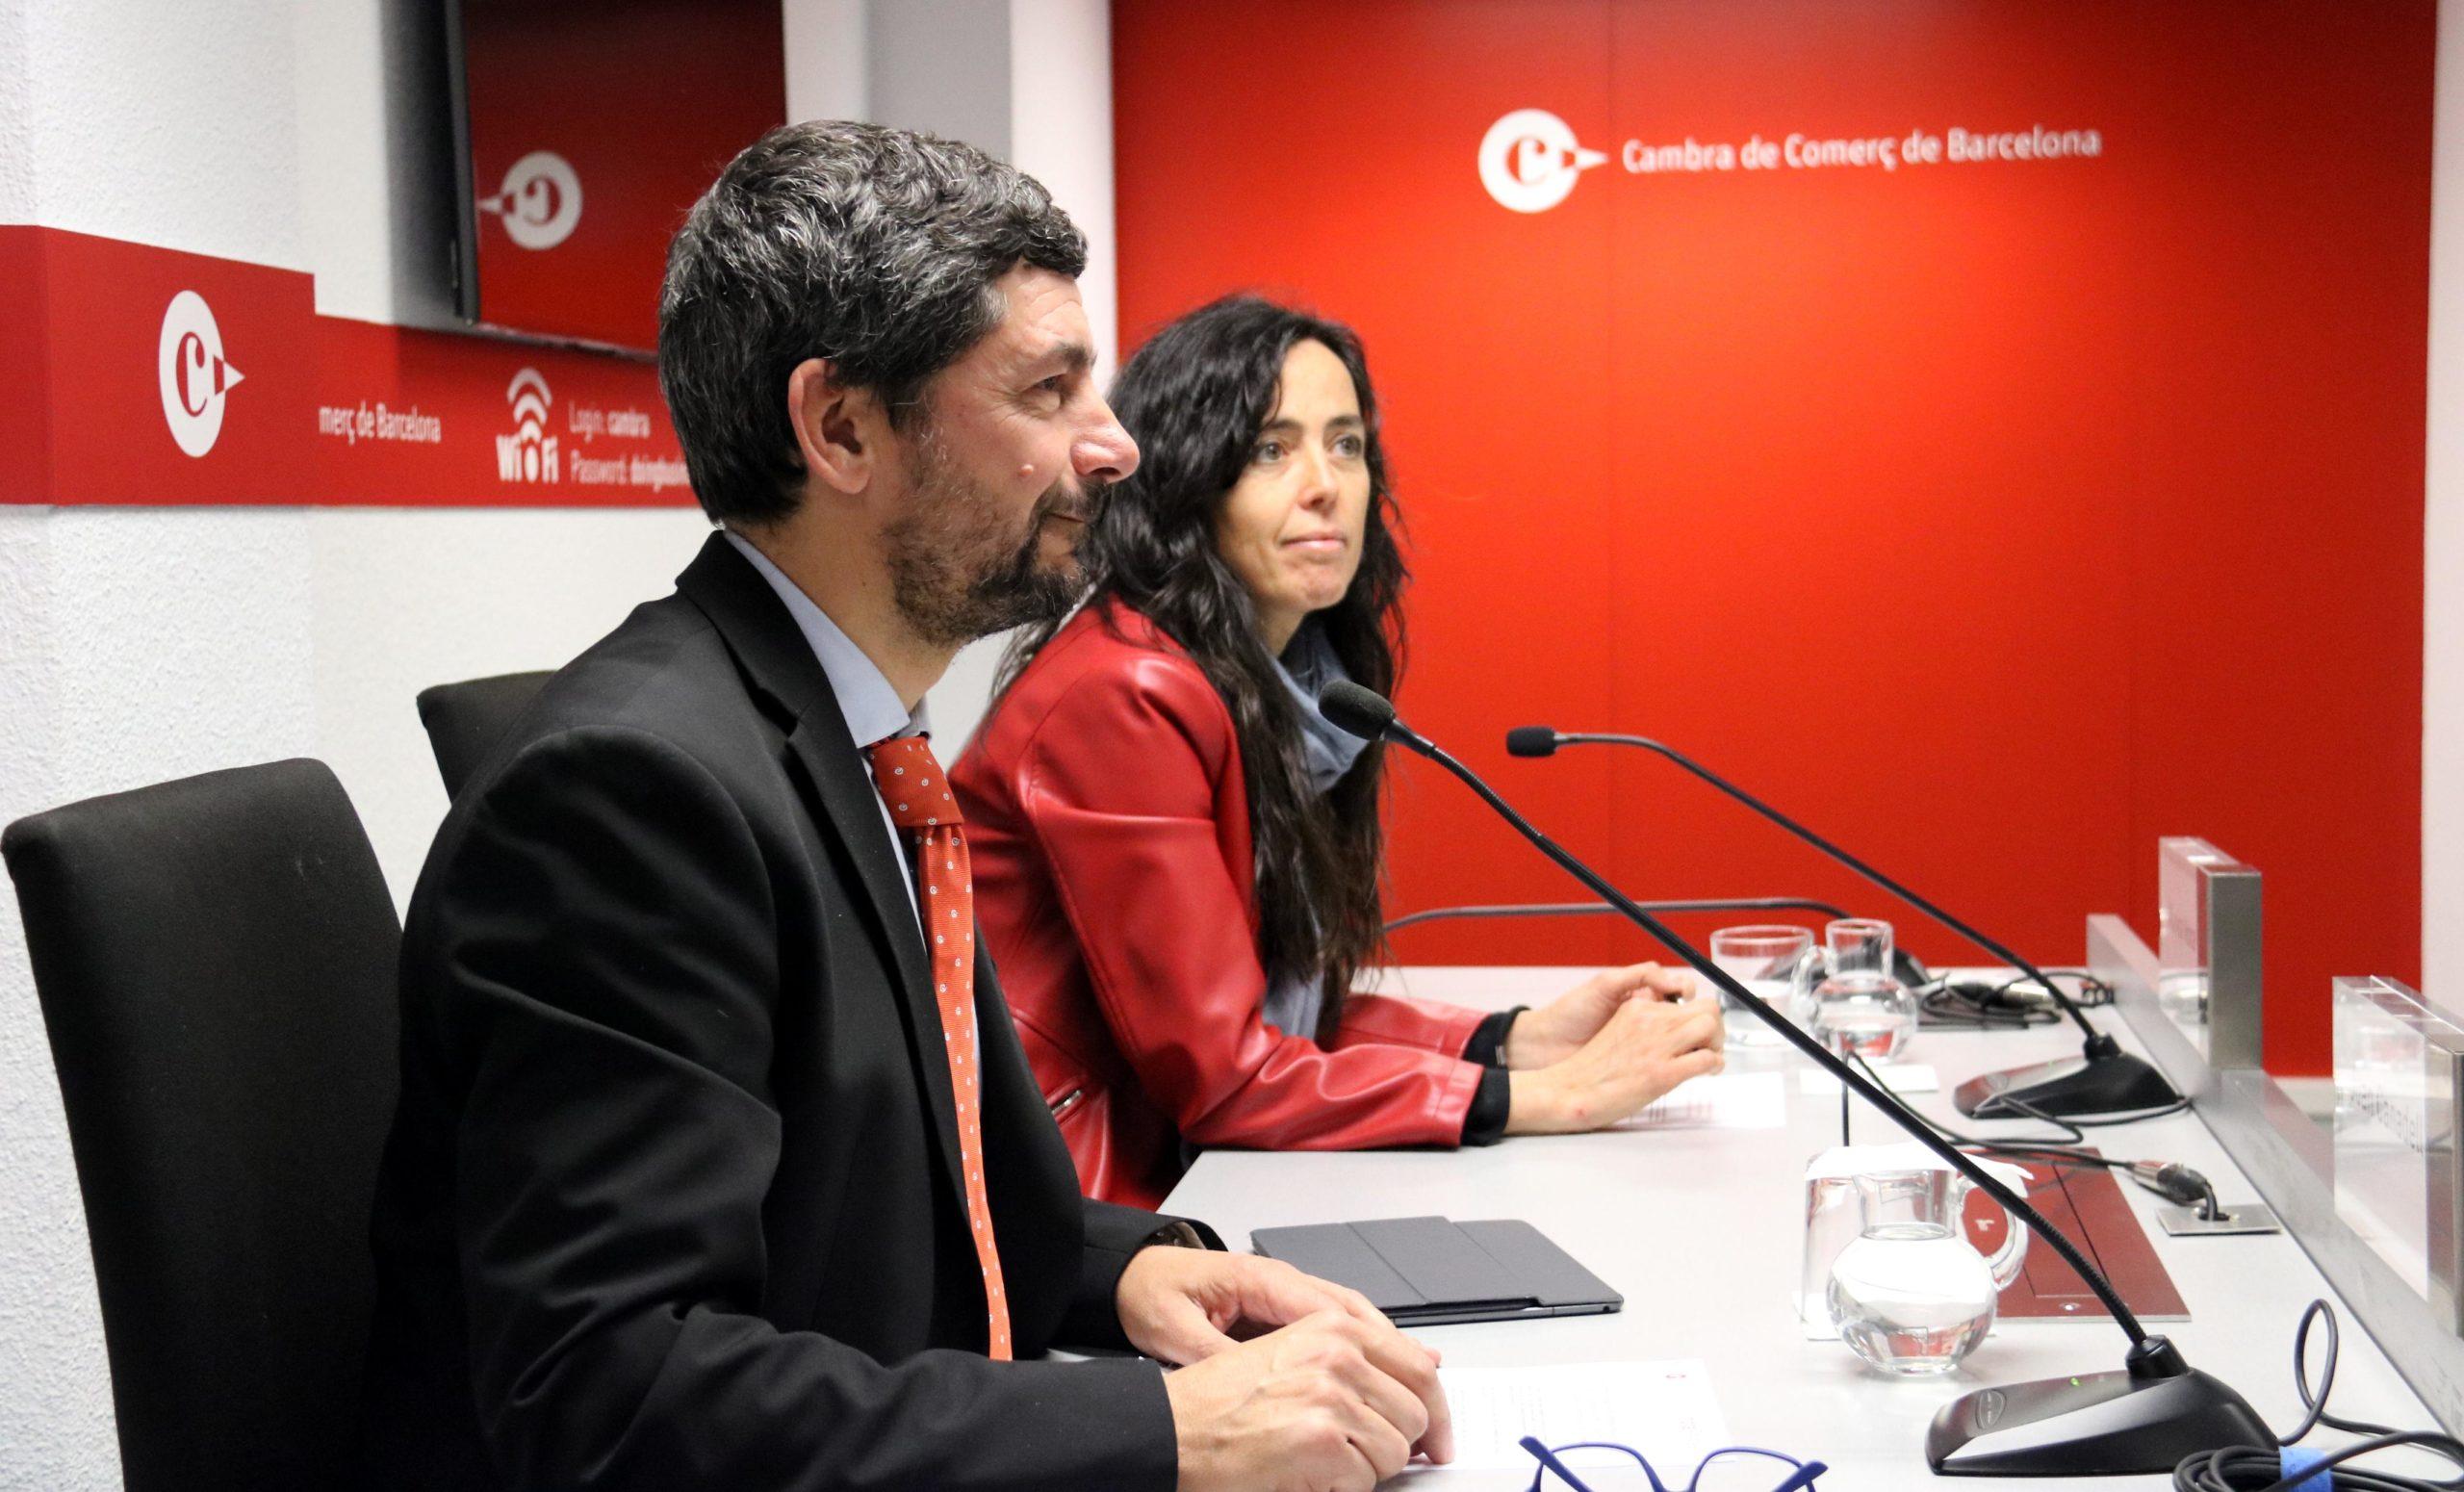 El president de la Cambra de Comerç de Barcelona, Joan Canadell, i la vicepresidenta primera de la corporació, Mònica Roca, en una imatge del gener / ACN